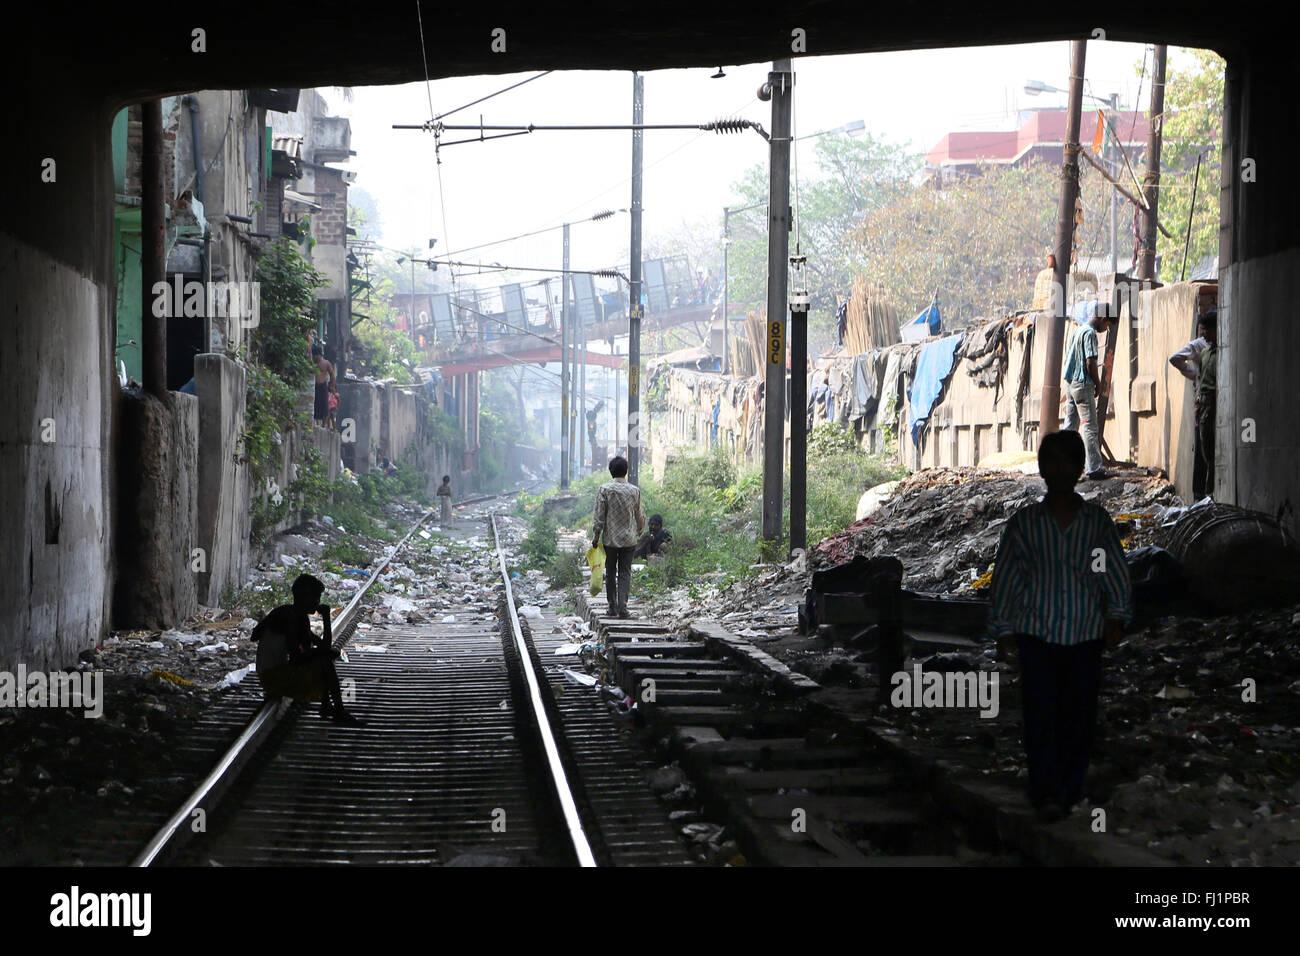 Zug Schienen-armen Gegend in Howrah, Indien - Landschaft Stockbild